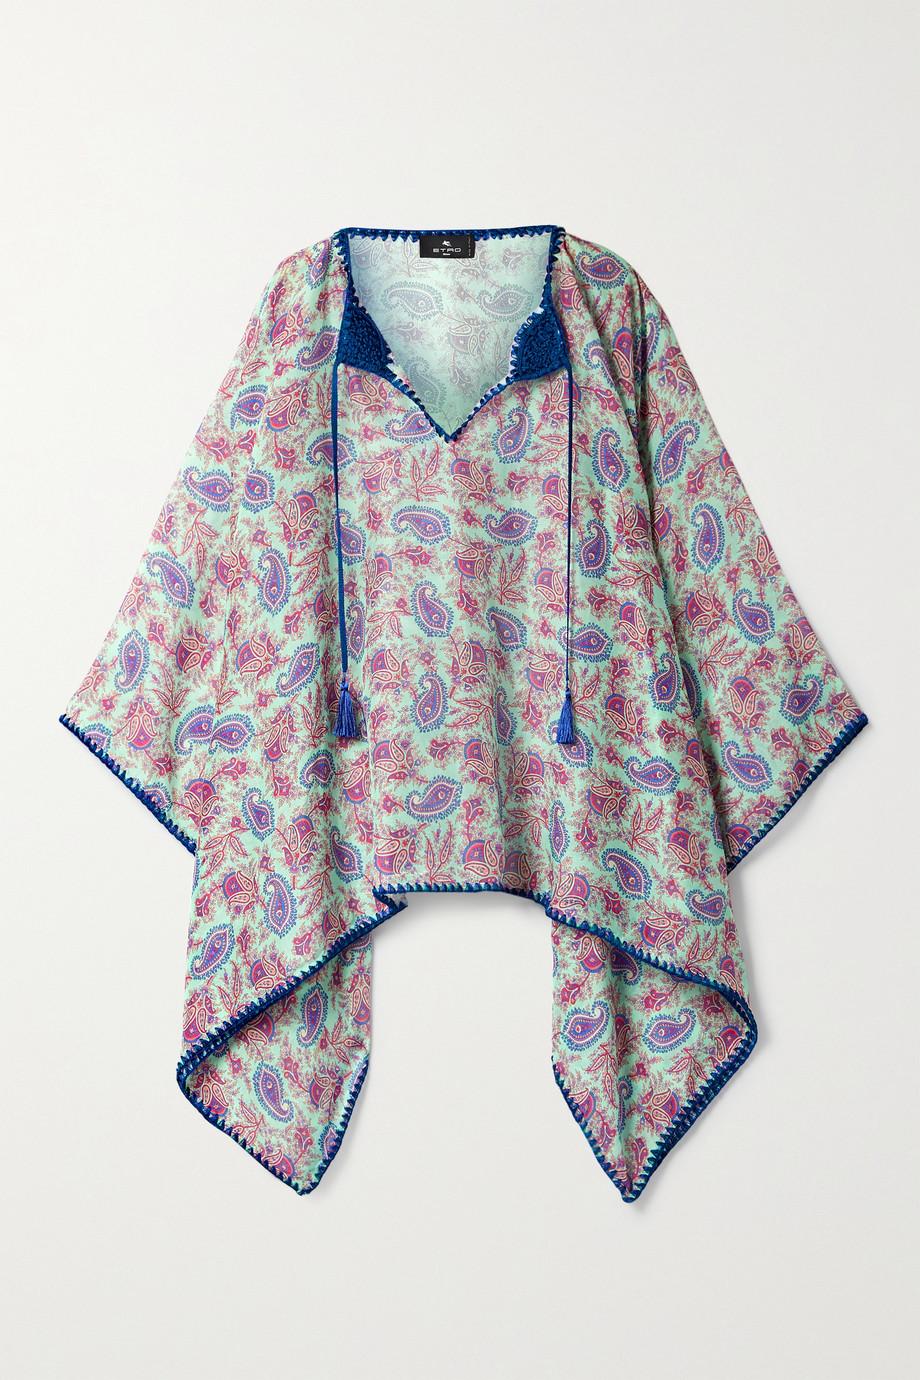 Etro Poncho en voile de coton et de soie mélangés imprimé à finitions en crochet